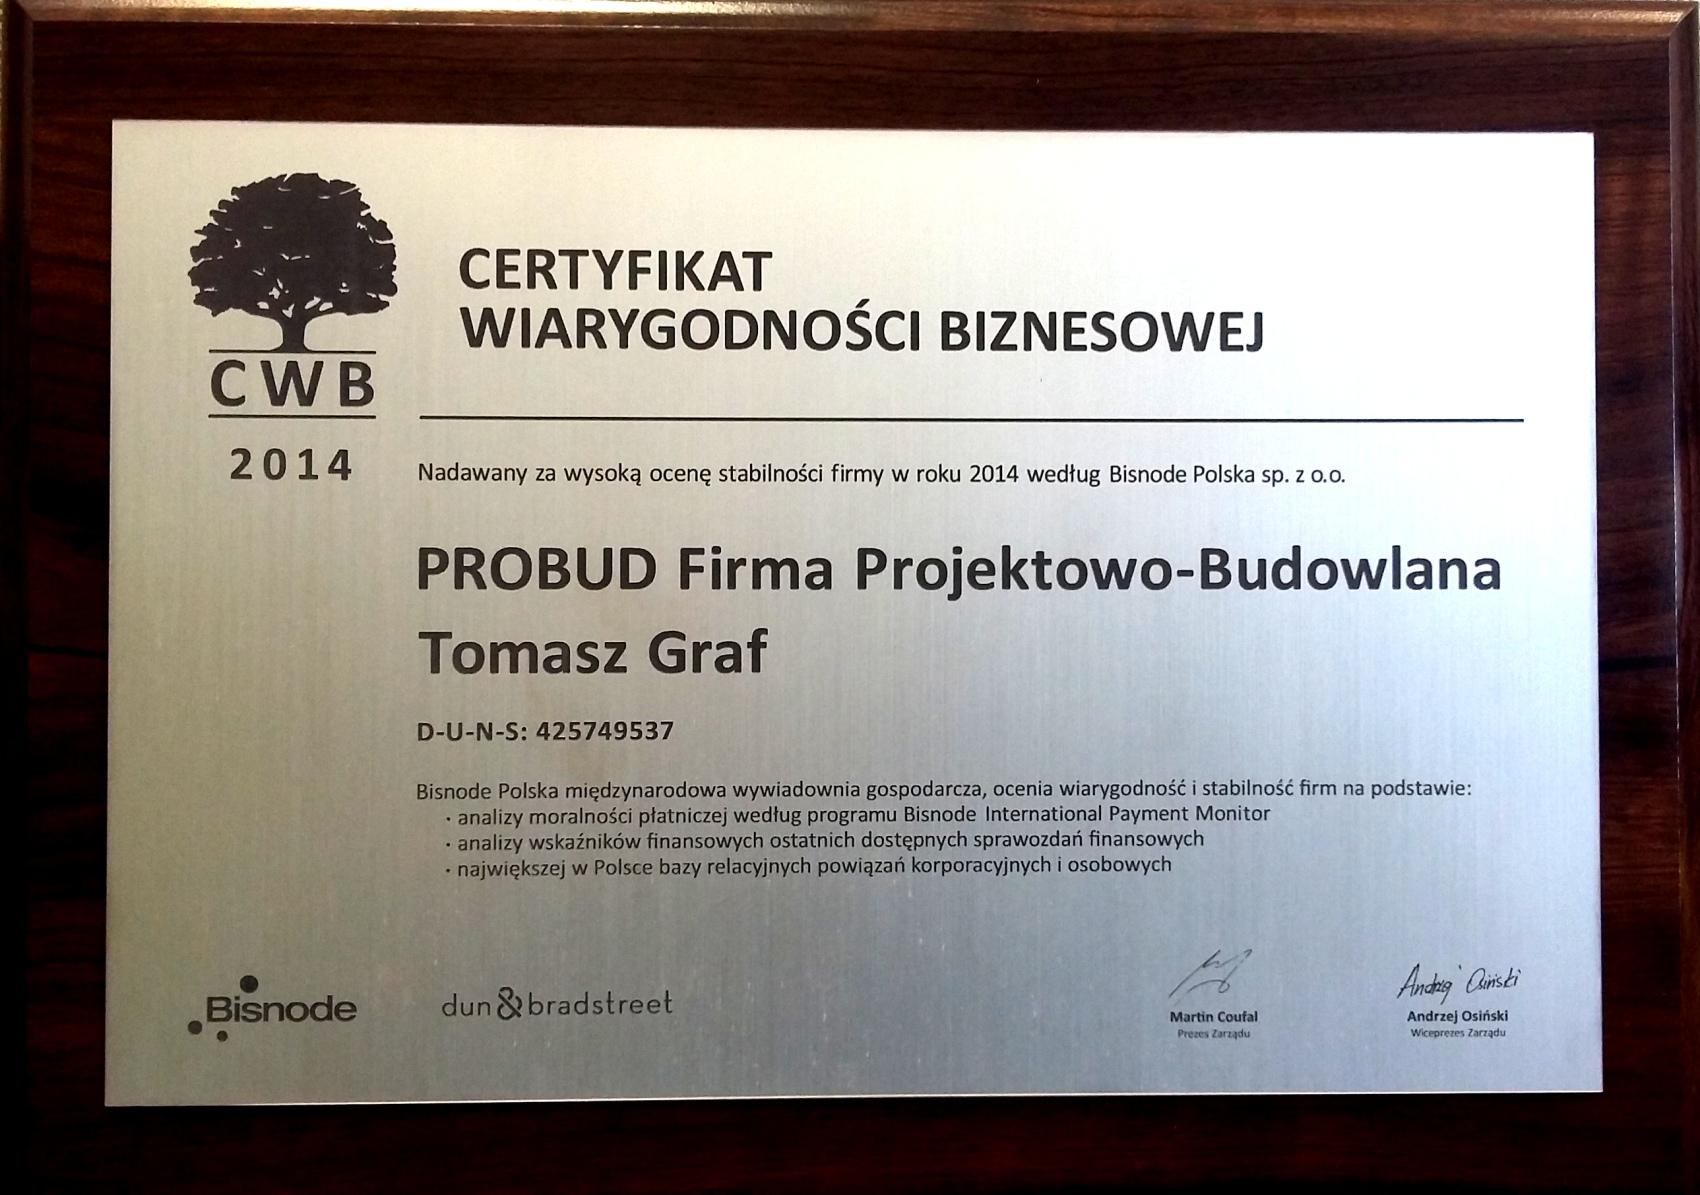 Certyfikat Wiarygodności Biznesowej